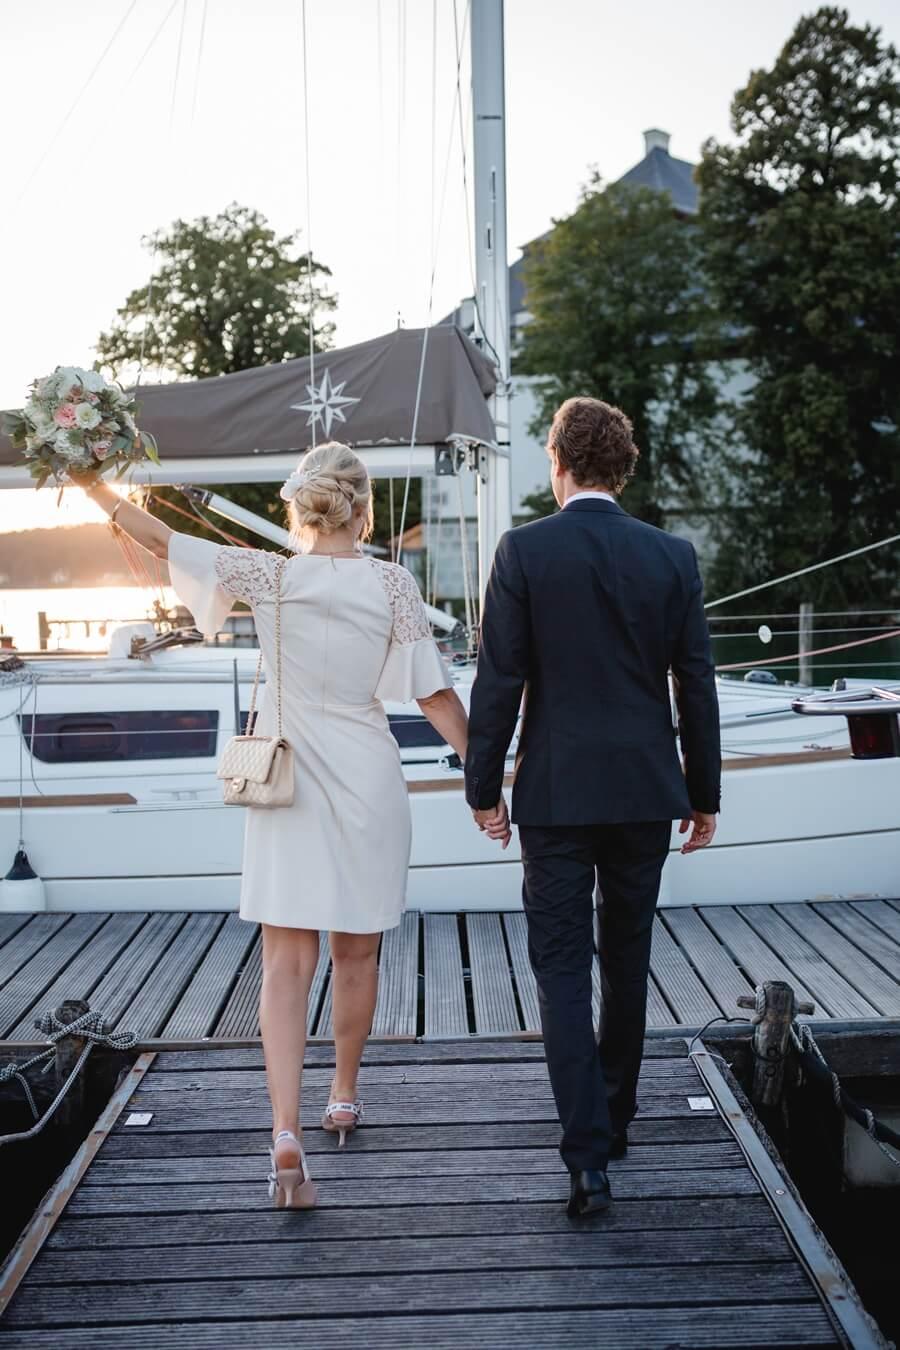 432-Standesamtliche-Hochzeit-Julia-und-Thomas-Schloss-Stefanie-Reindl-Photography